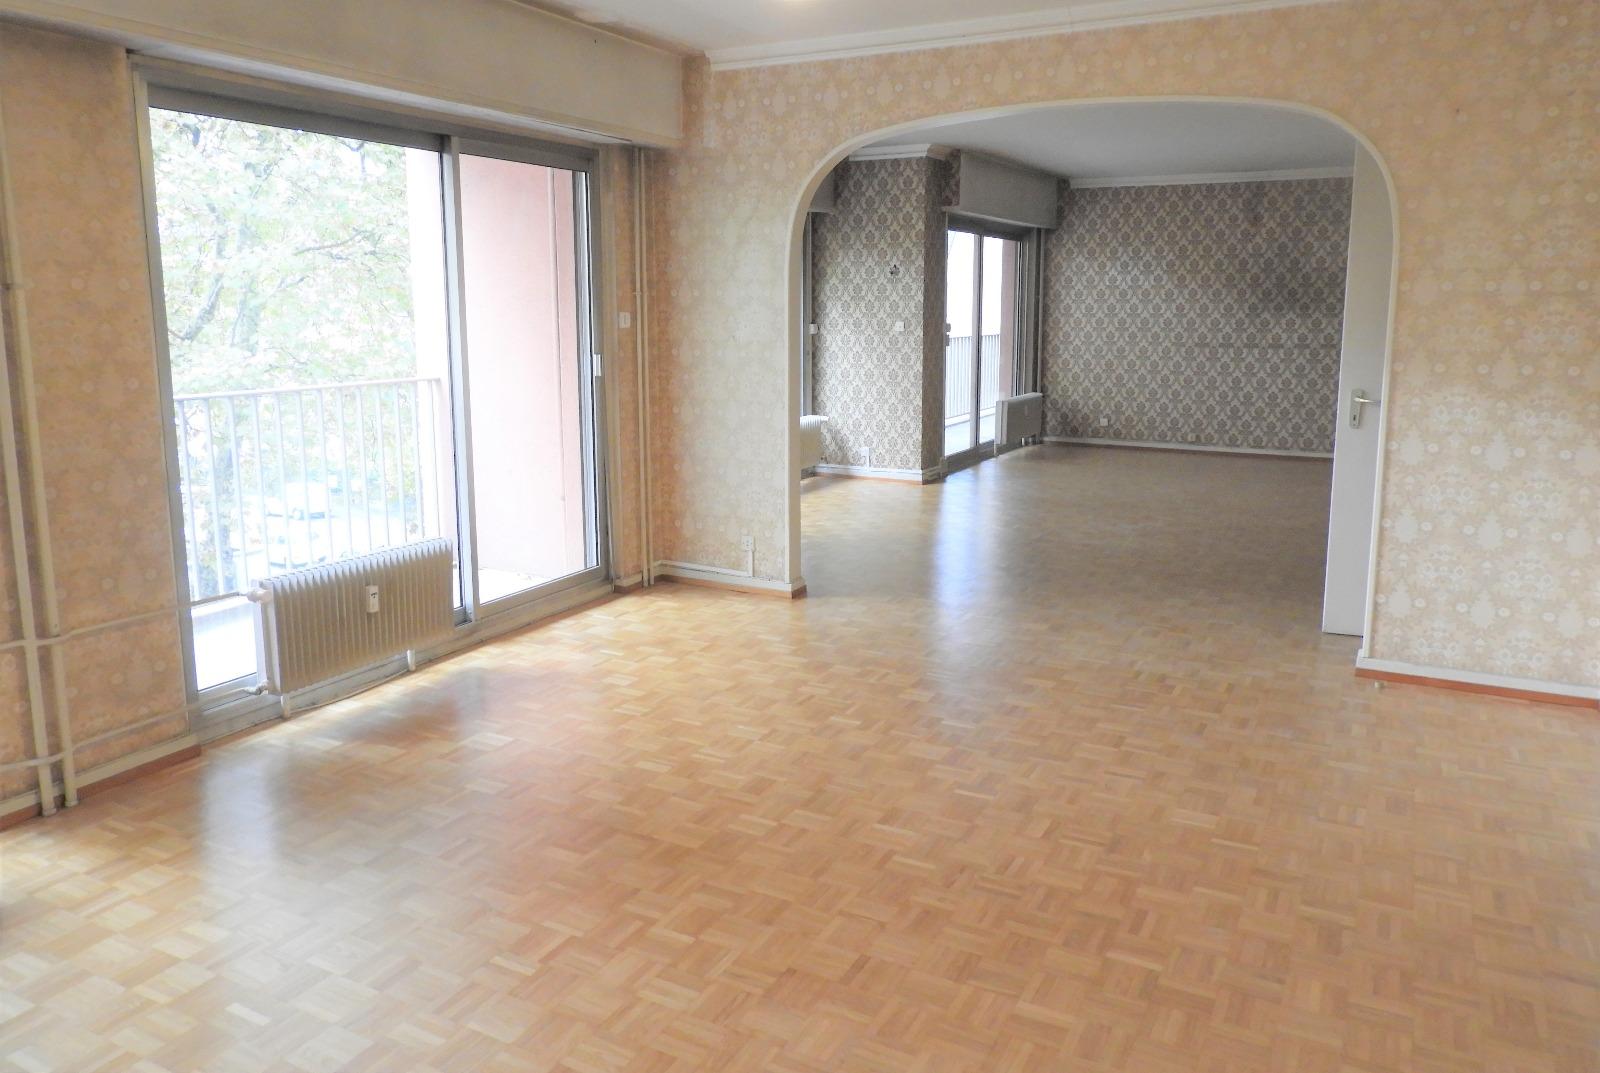 vente appartements mulhouse 68100 161m avec 6 pi ce s dont 4 chambre s latuner immobilier. Black Bedroom Furniture Sets. Home Design Ideas